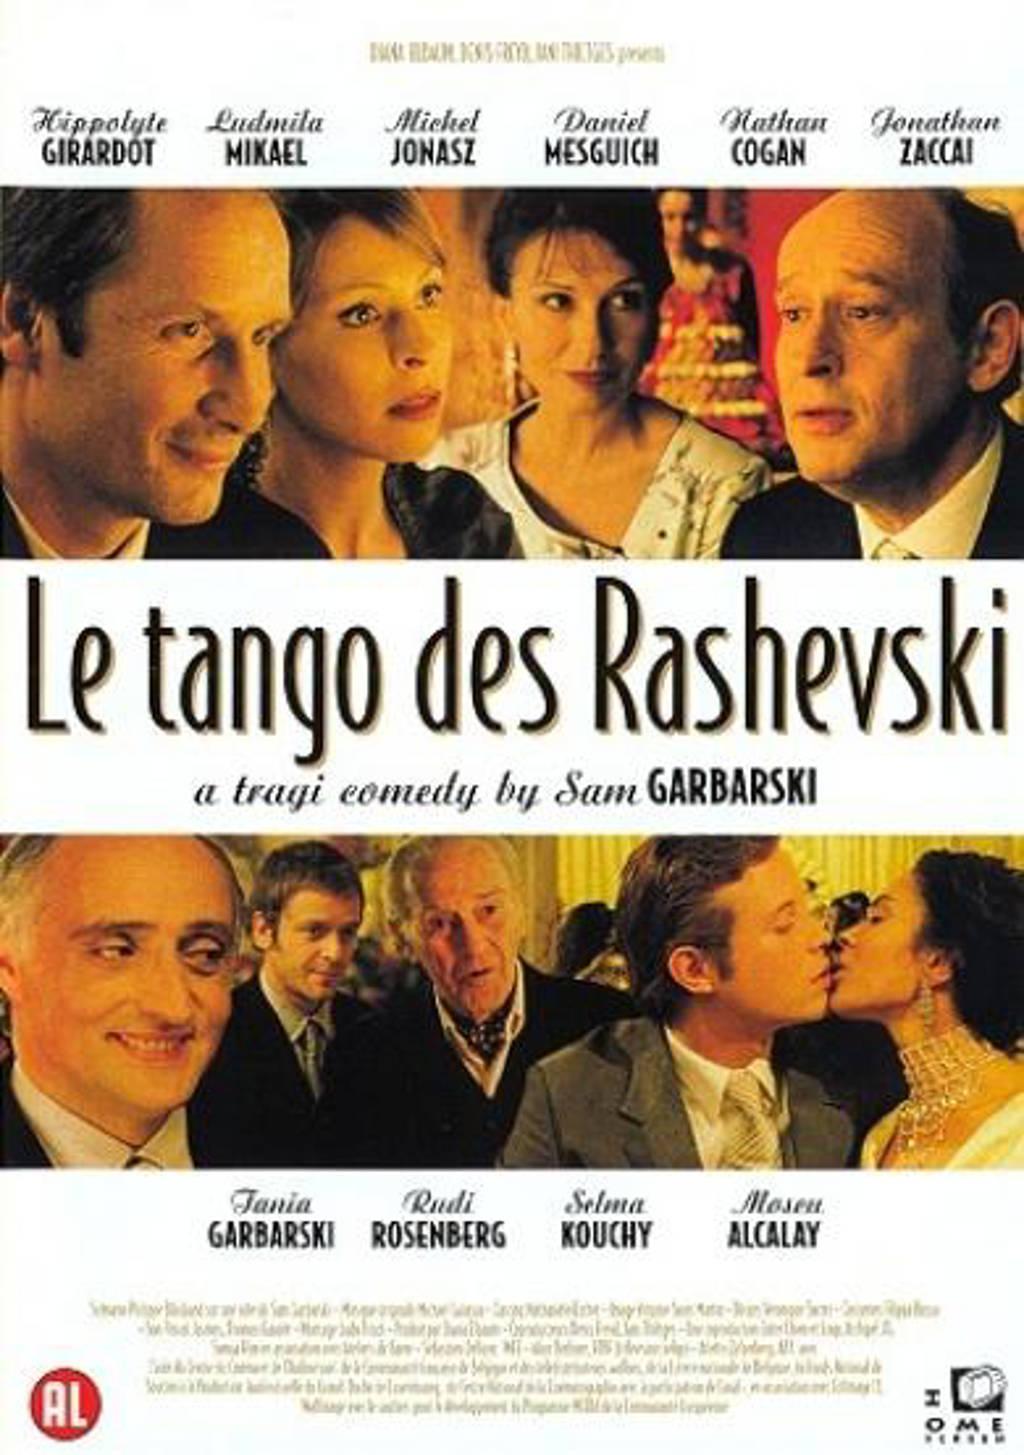 Le tango des rashevski (DVD)